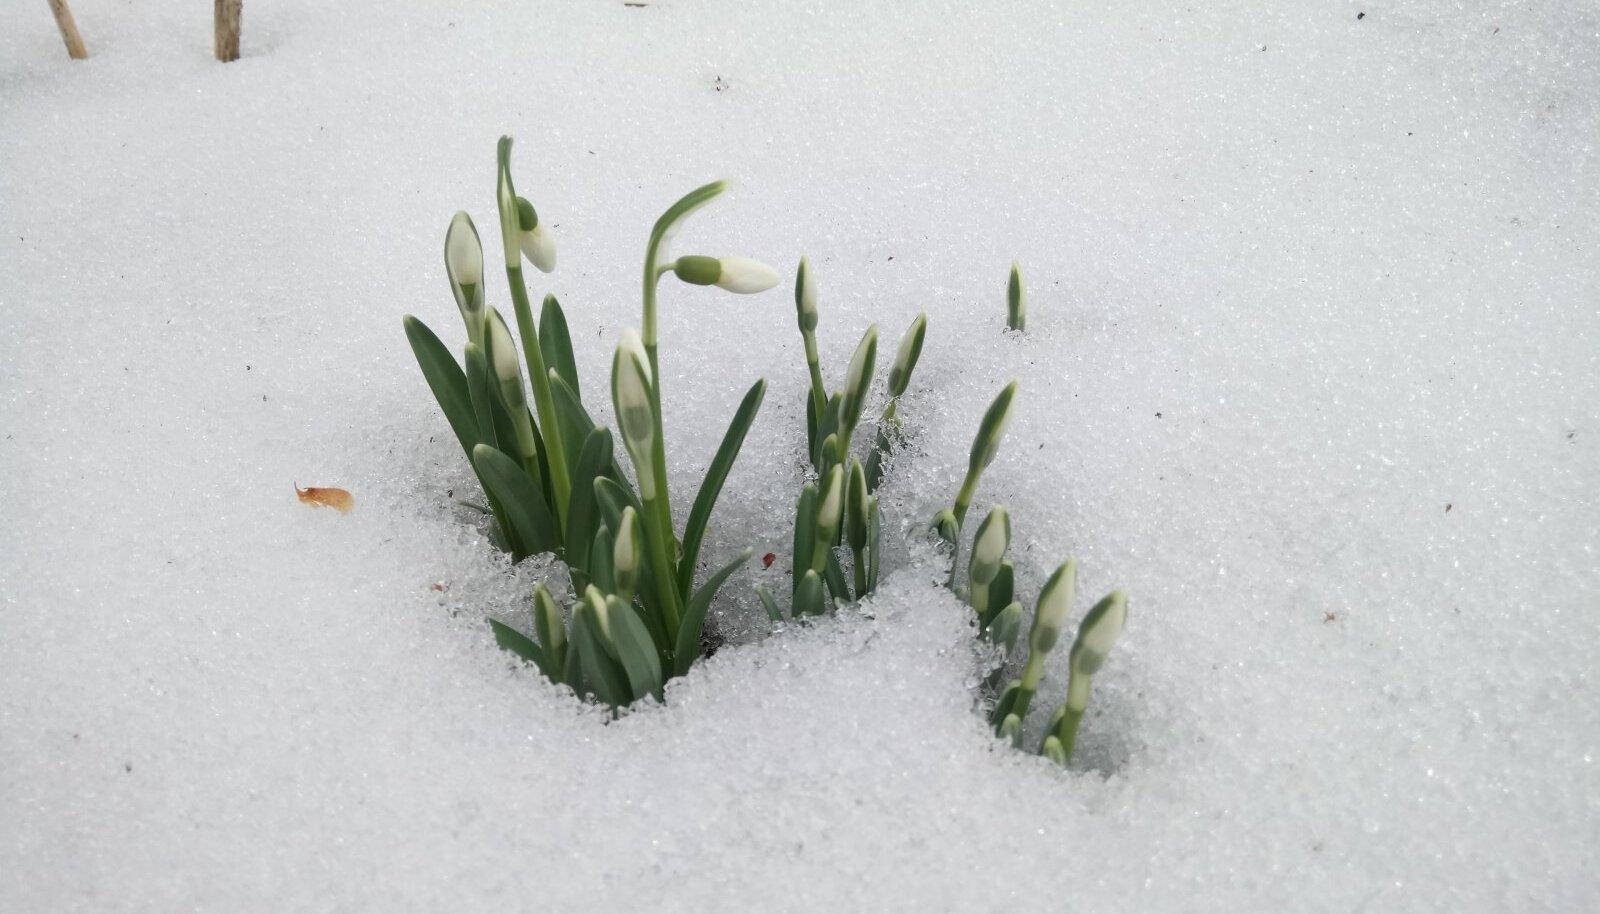 Lumikellukesed on lume alt välja murdnud